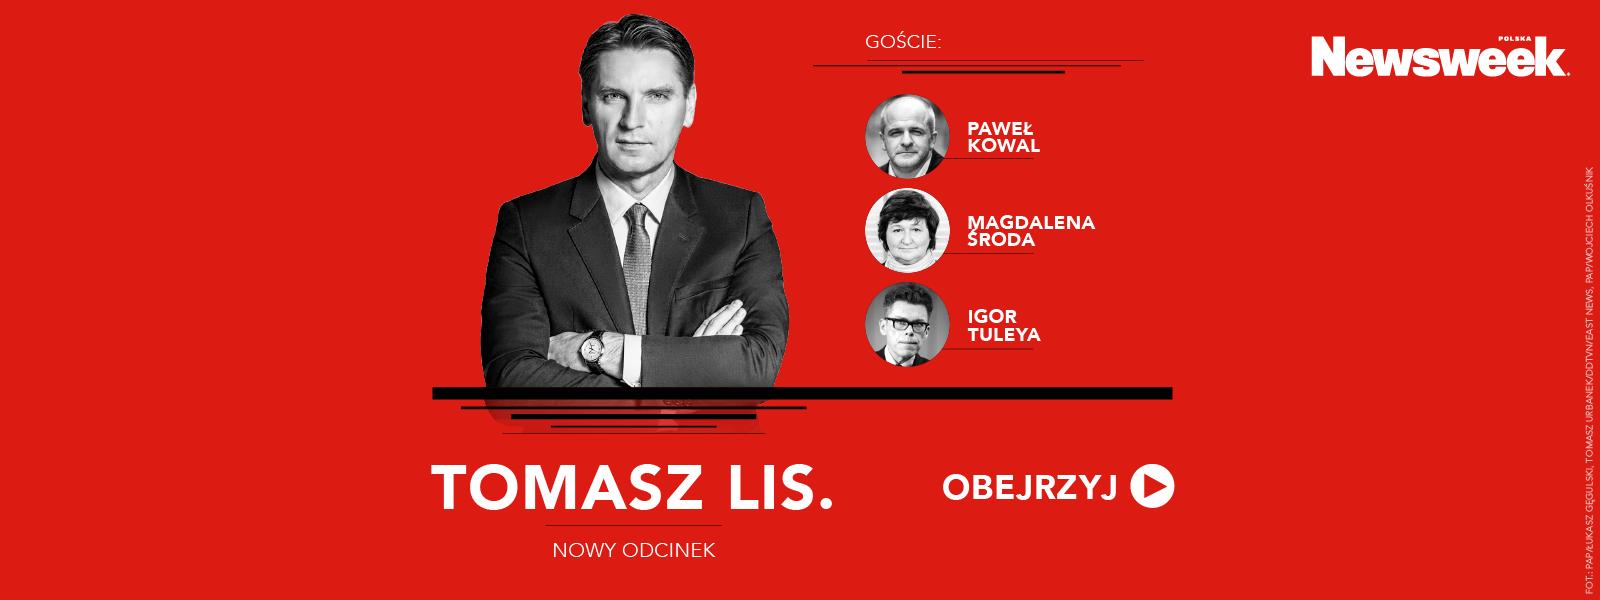 [TOMASZ LIS] Trzaskowski wygra w Końskich i Skawinie tak samo, jak wygrał w Warszawie